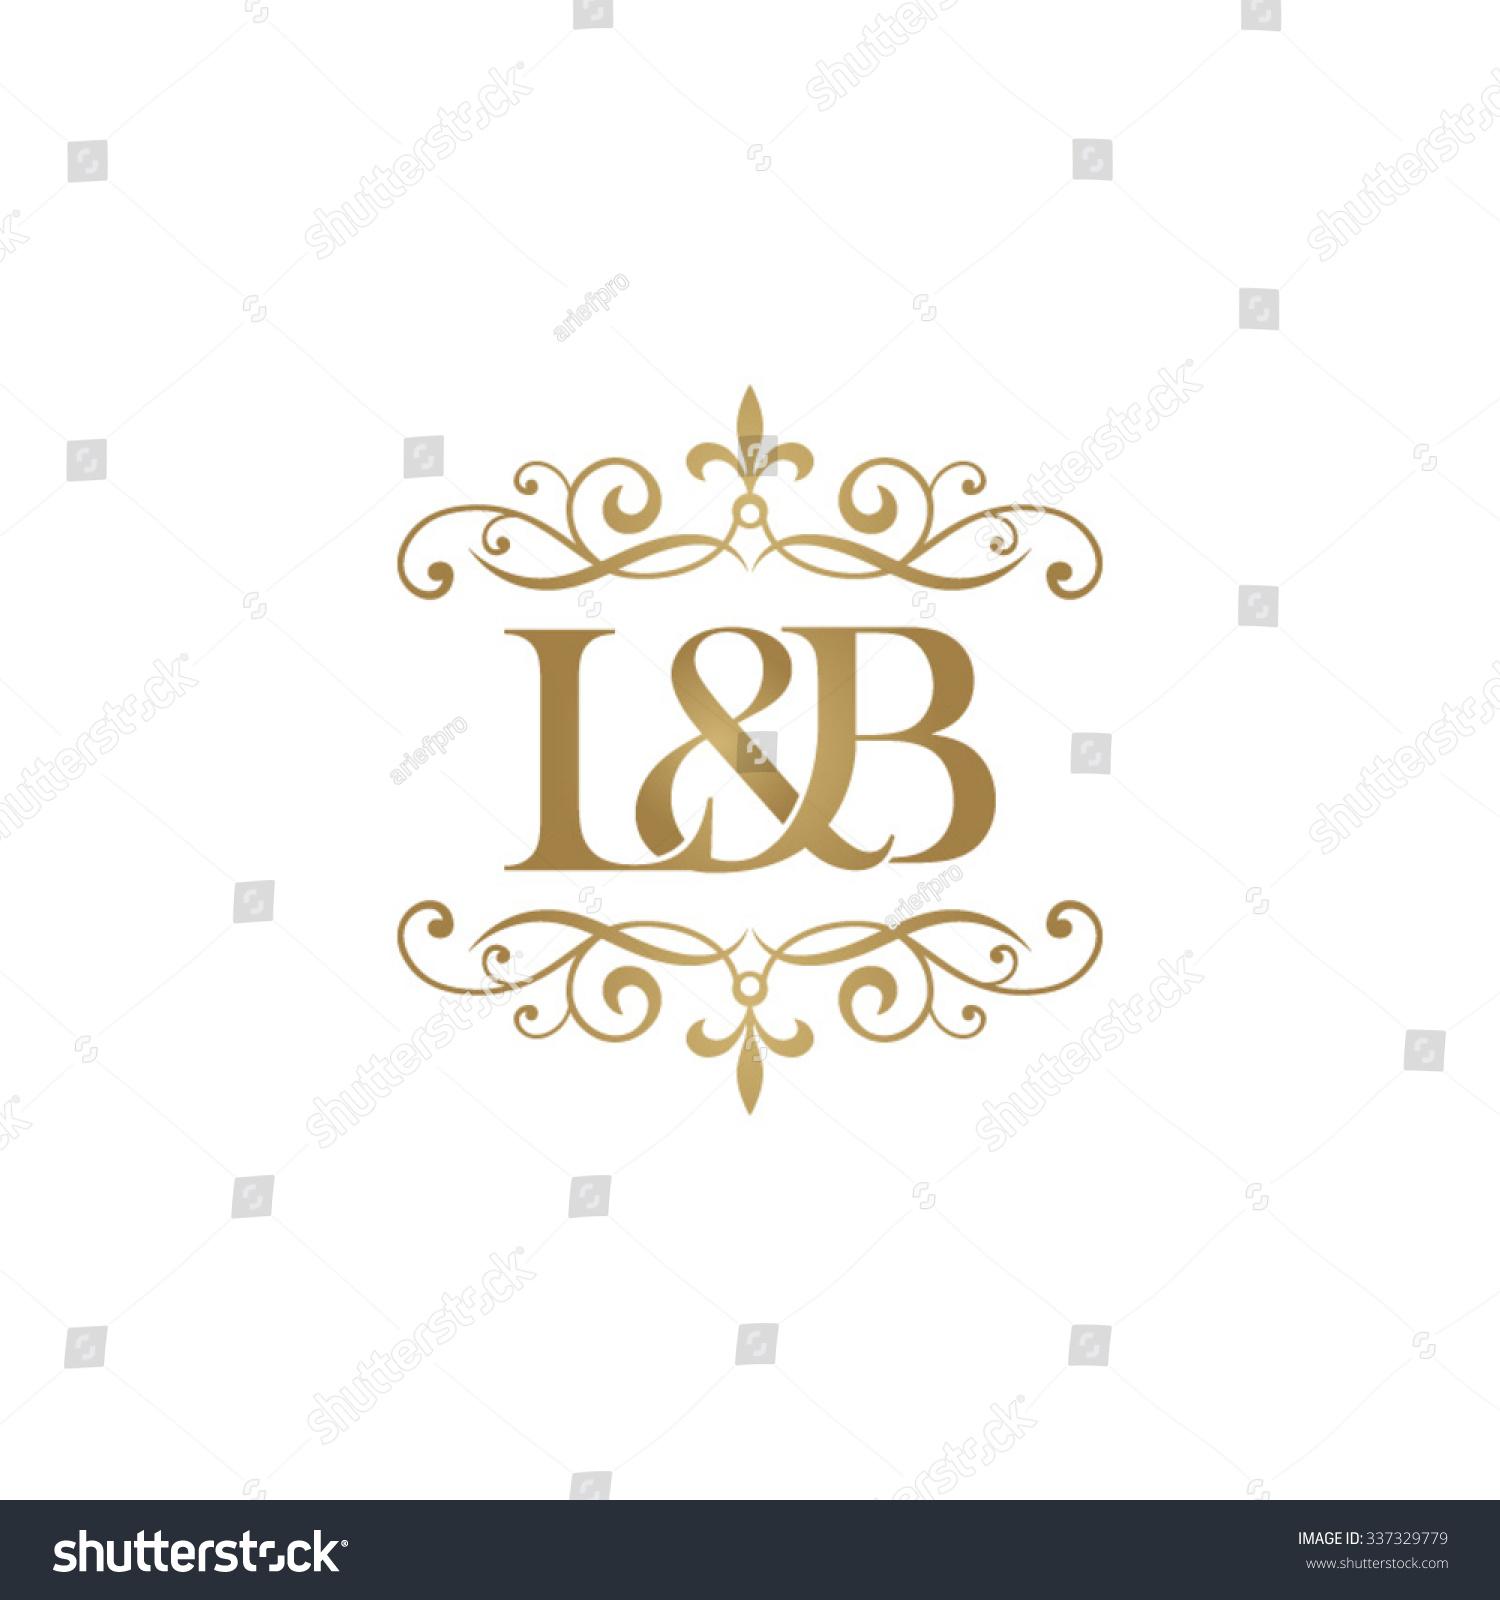 Tj initial luxury ornament monogram logo stock vector - L B Initial Logo Ornament Ampersand Monogram Golden Logo Stock Vector Illustration 337329779 Shutterstock